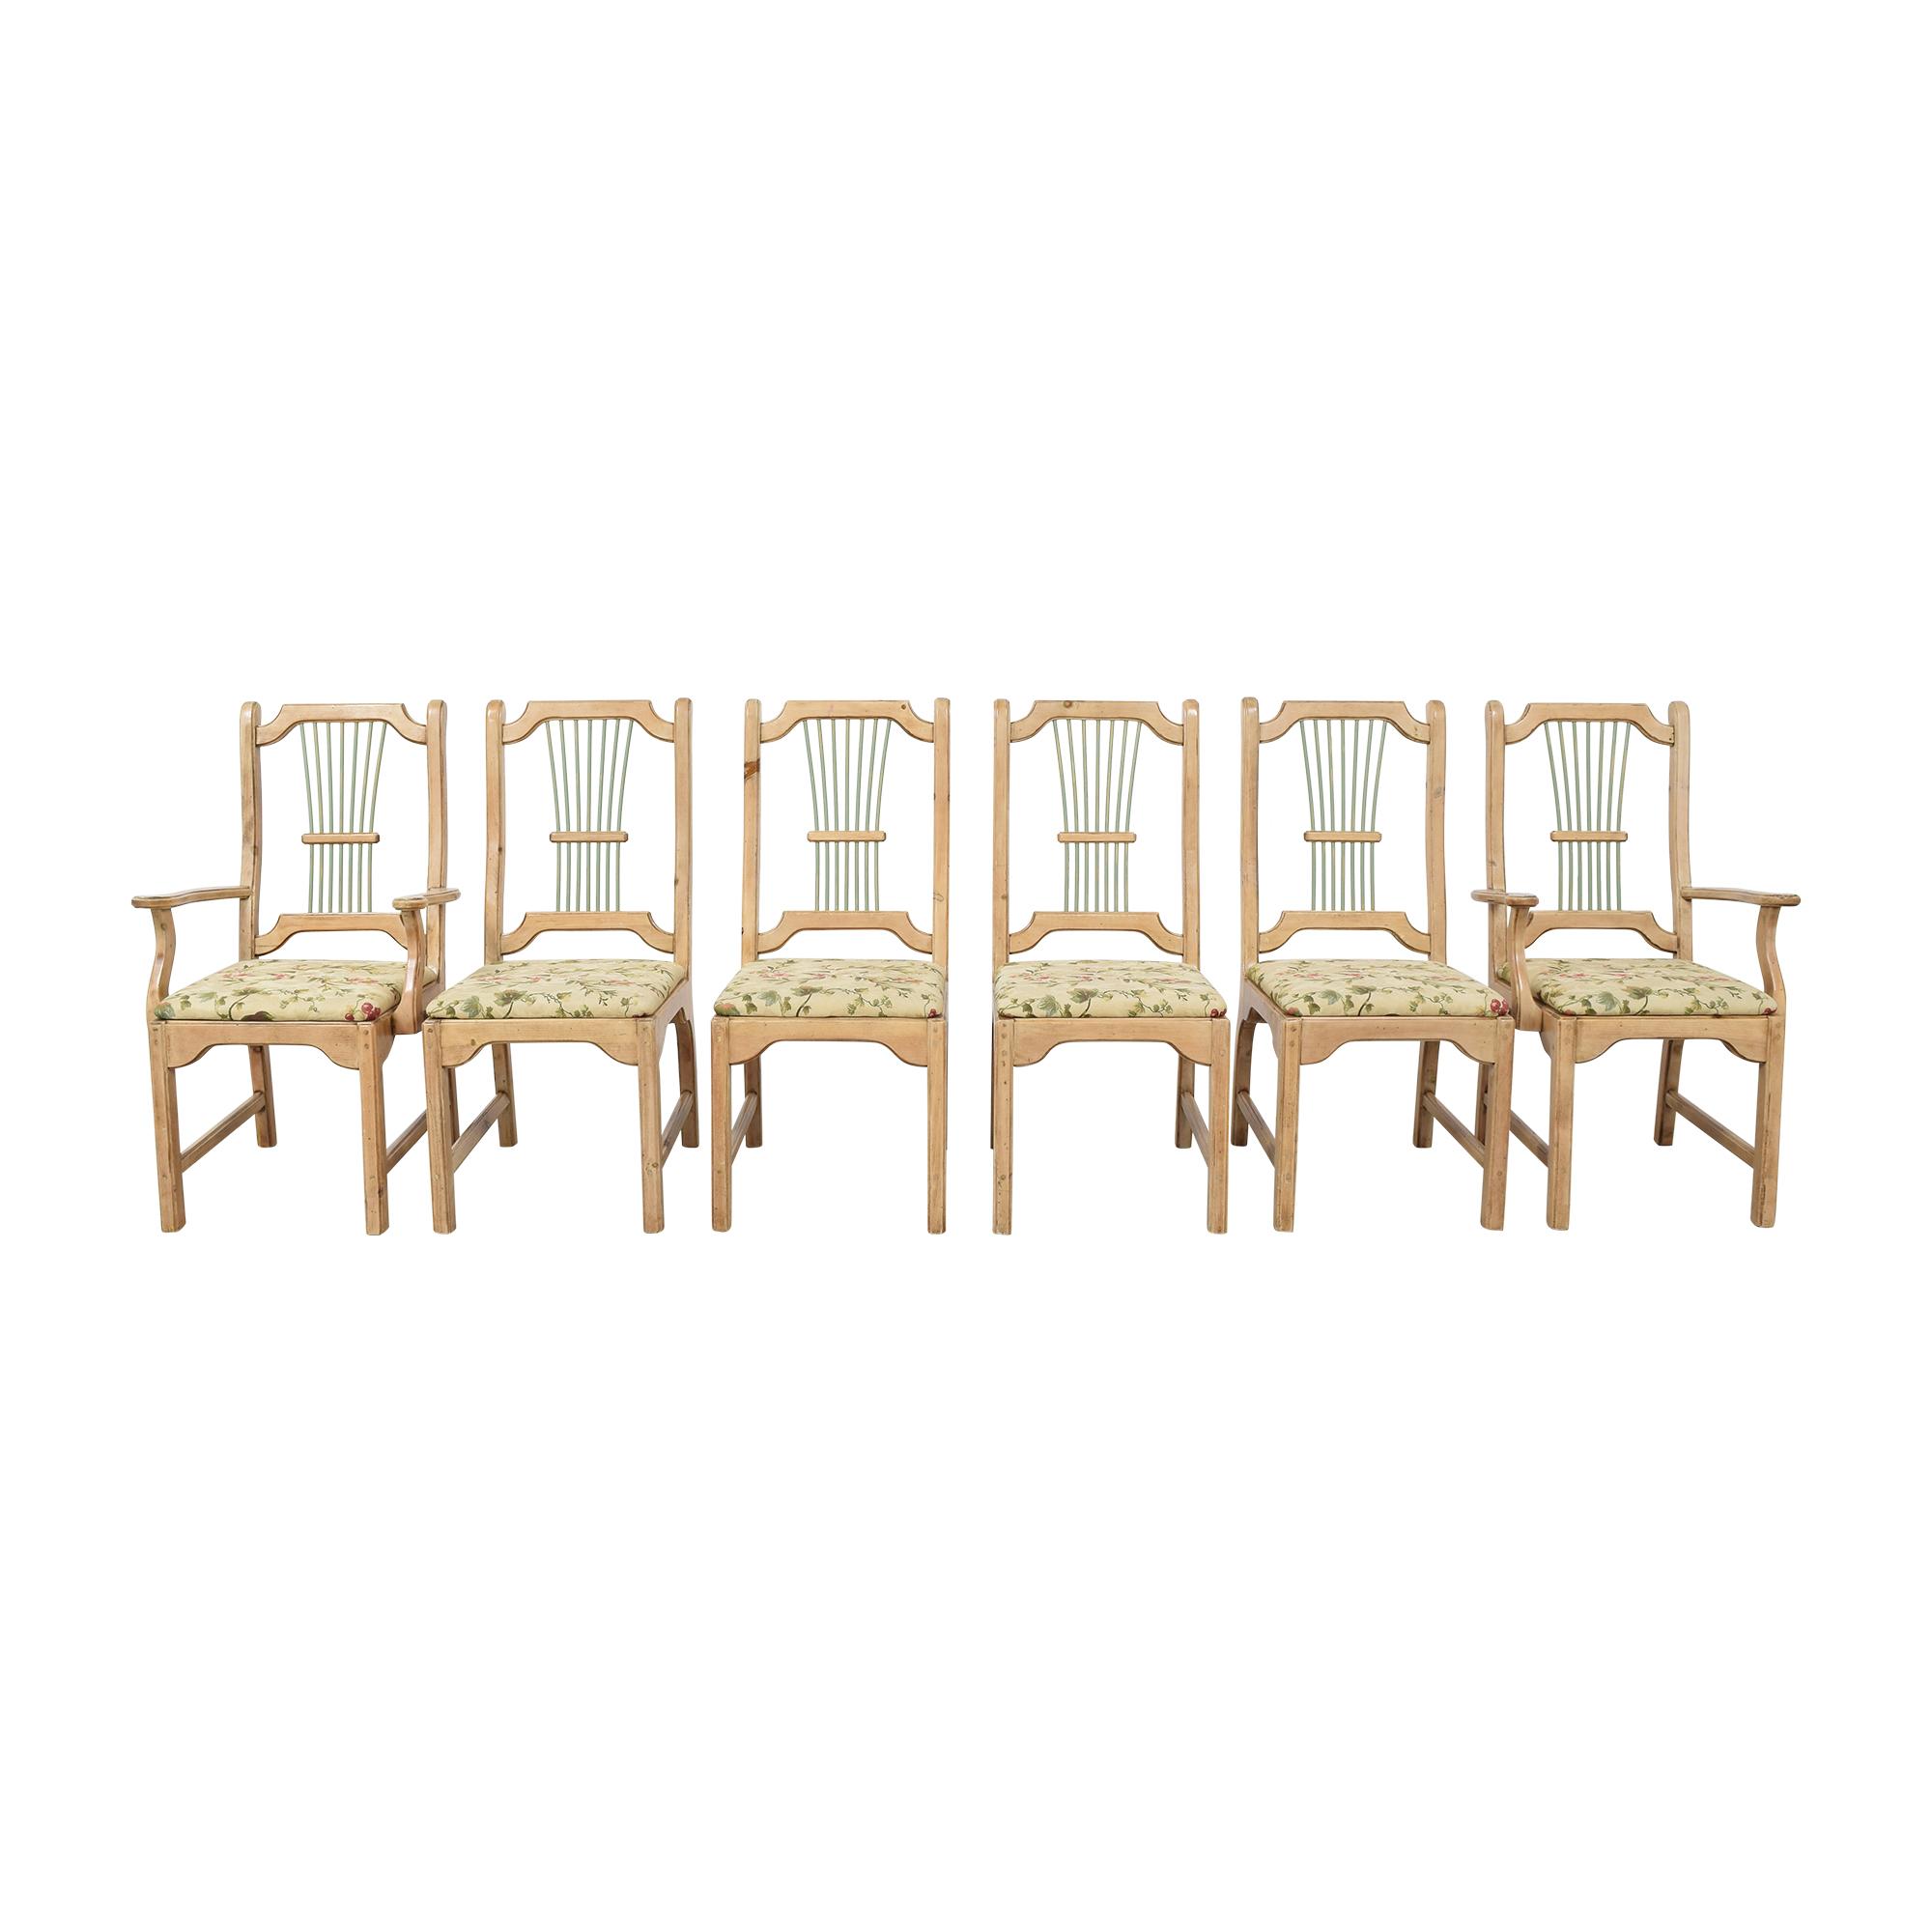 Rumrunner Home Rumrunner Home Sheaf Back Dining Chairs ma